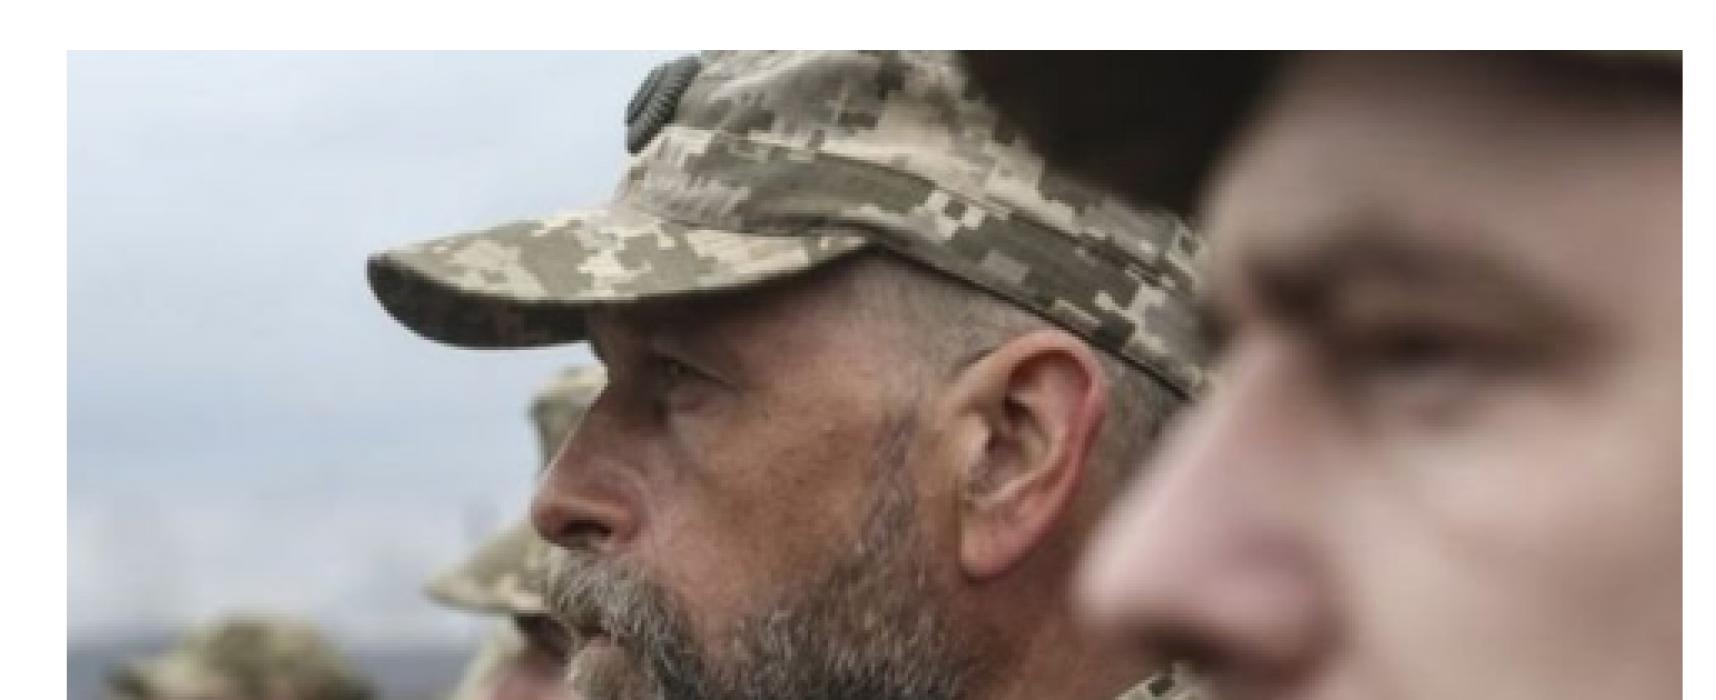 Attacco russo alle navi ucraine: fake e manipolazioni